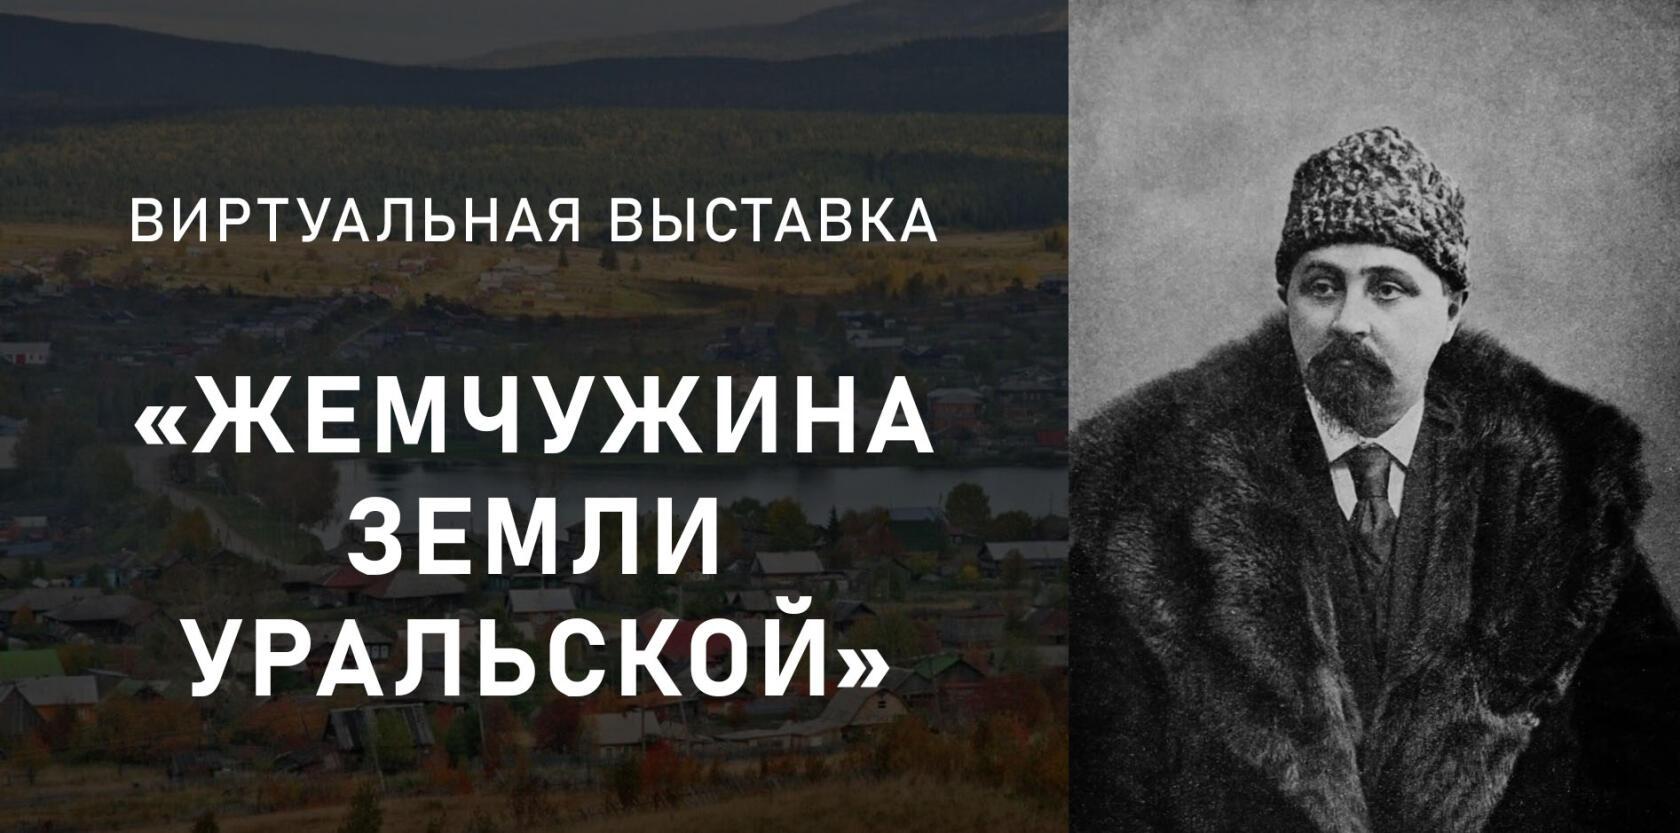 К юбилею писателя Д. Н. Мамина-Сибиряка